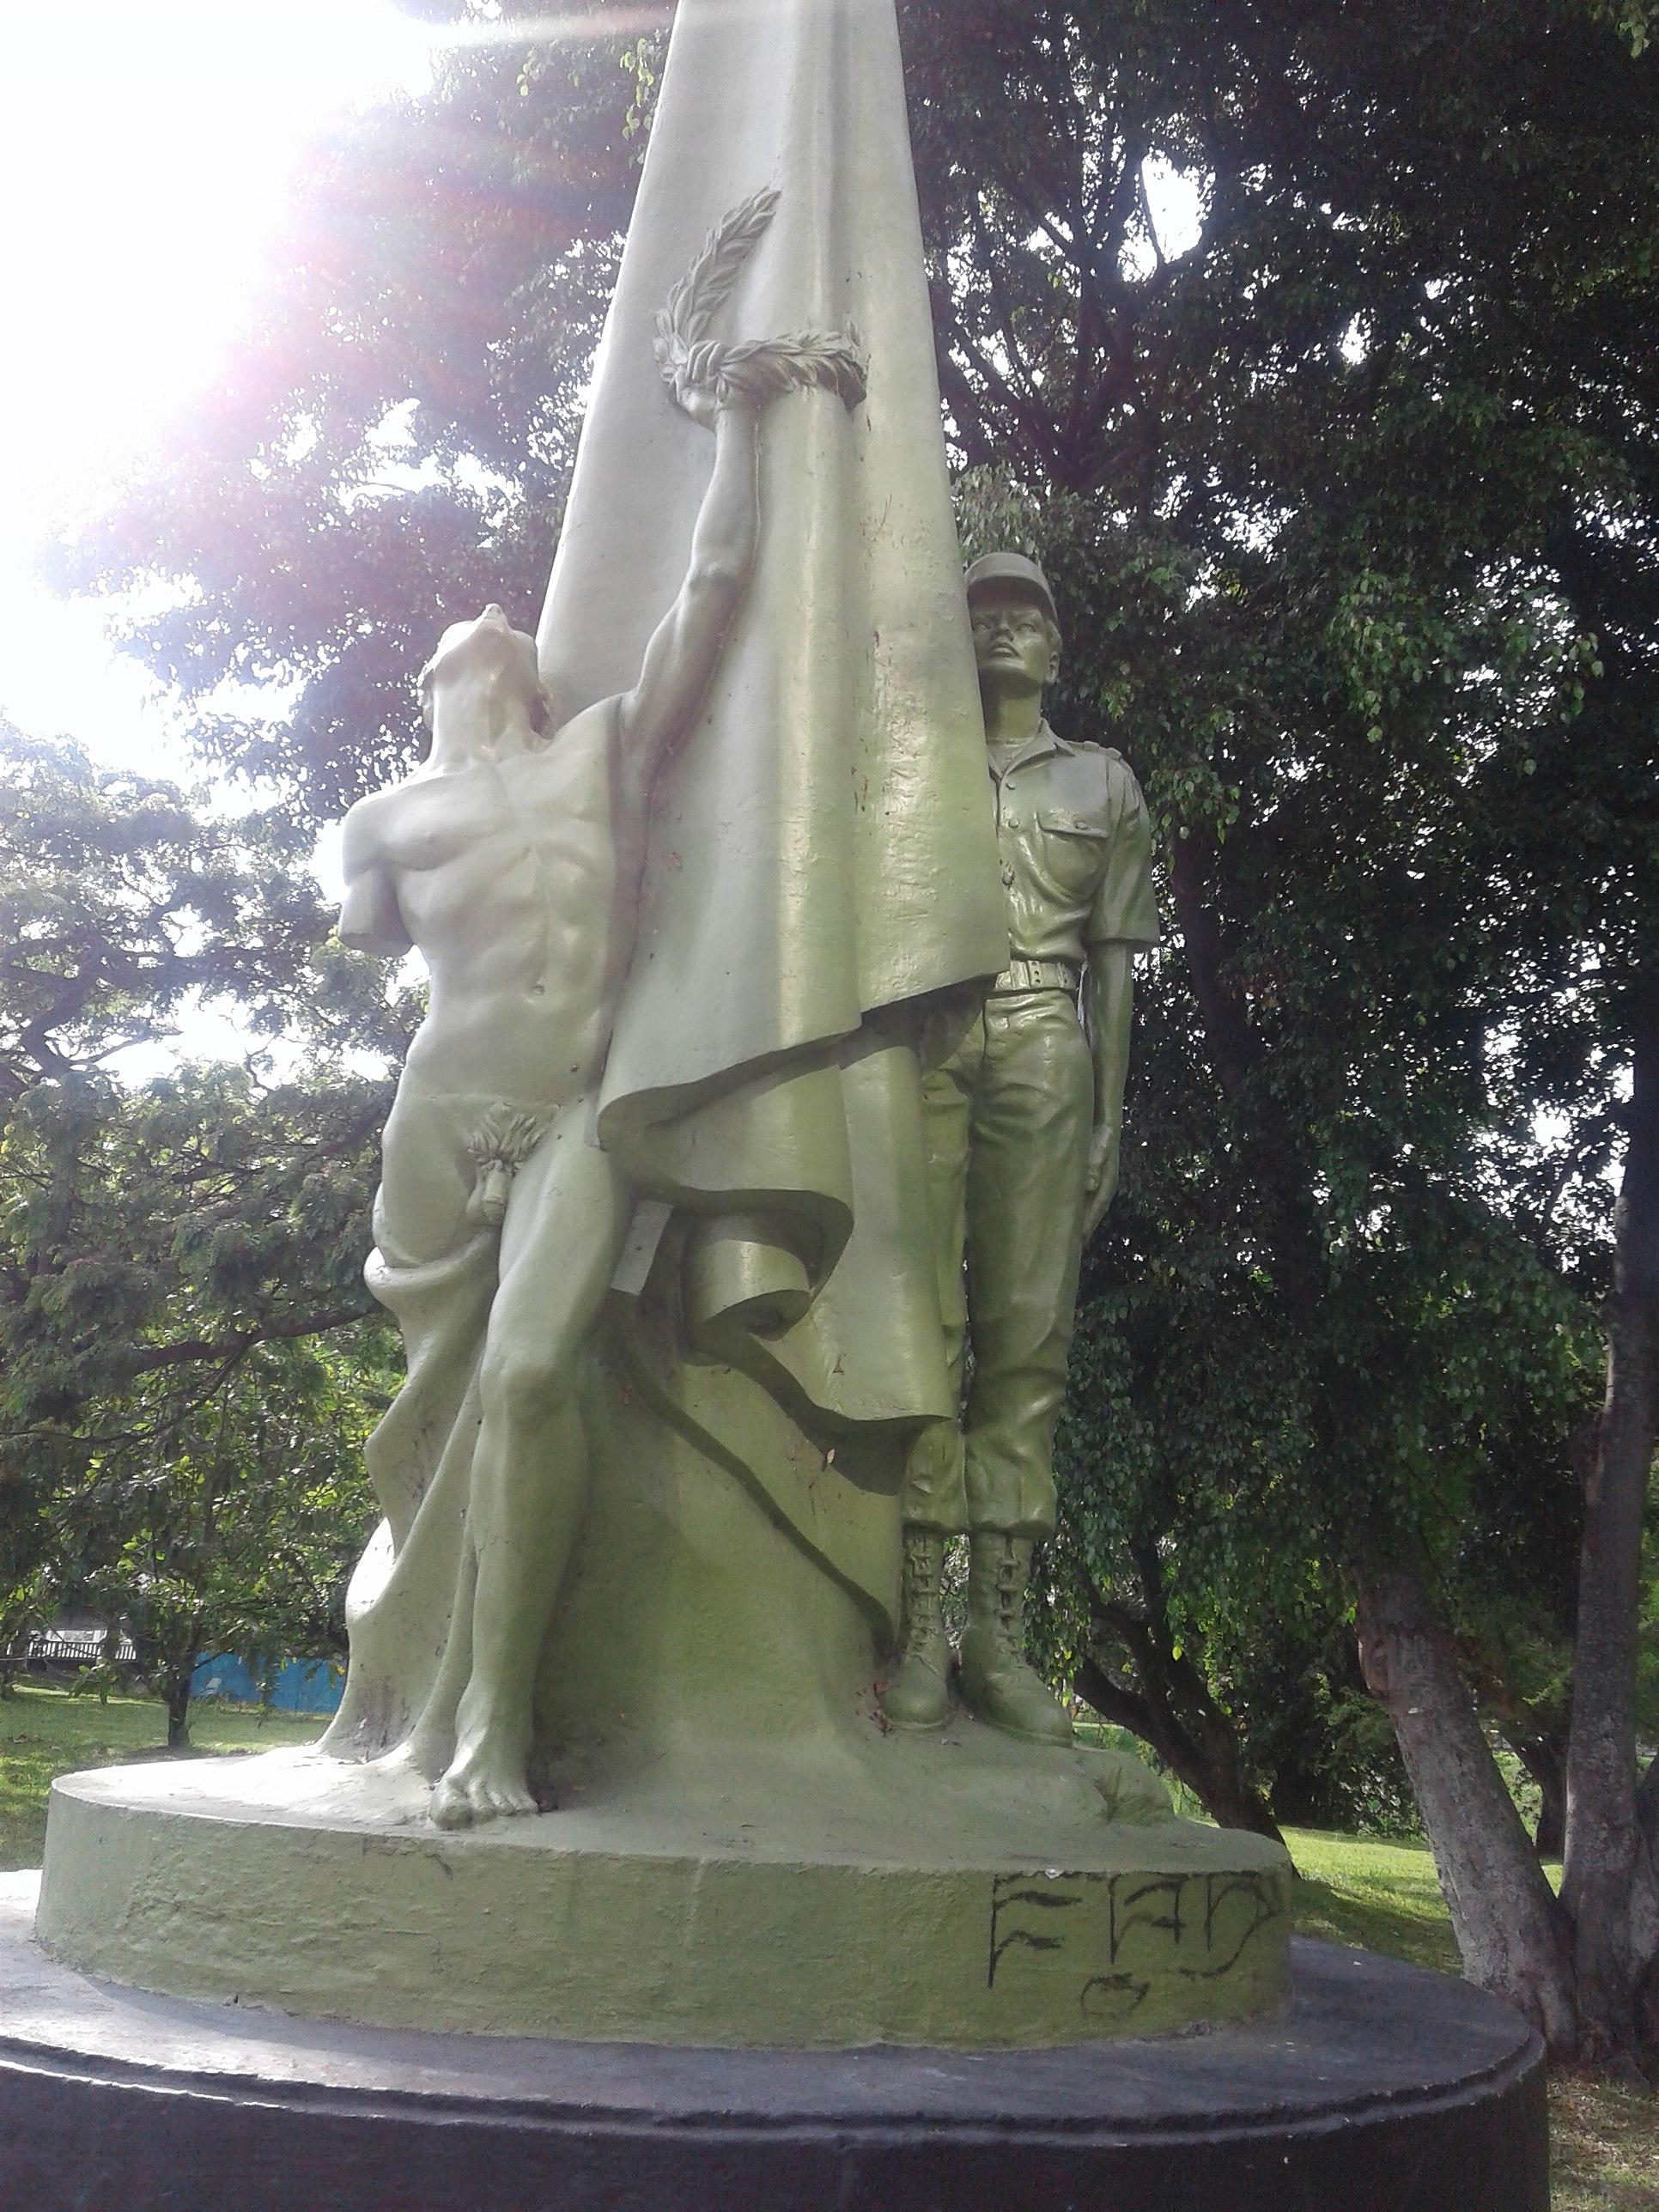 File:Monumento a la Policía Nacional de Colombia 03 jpg - Wikimedia